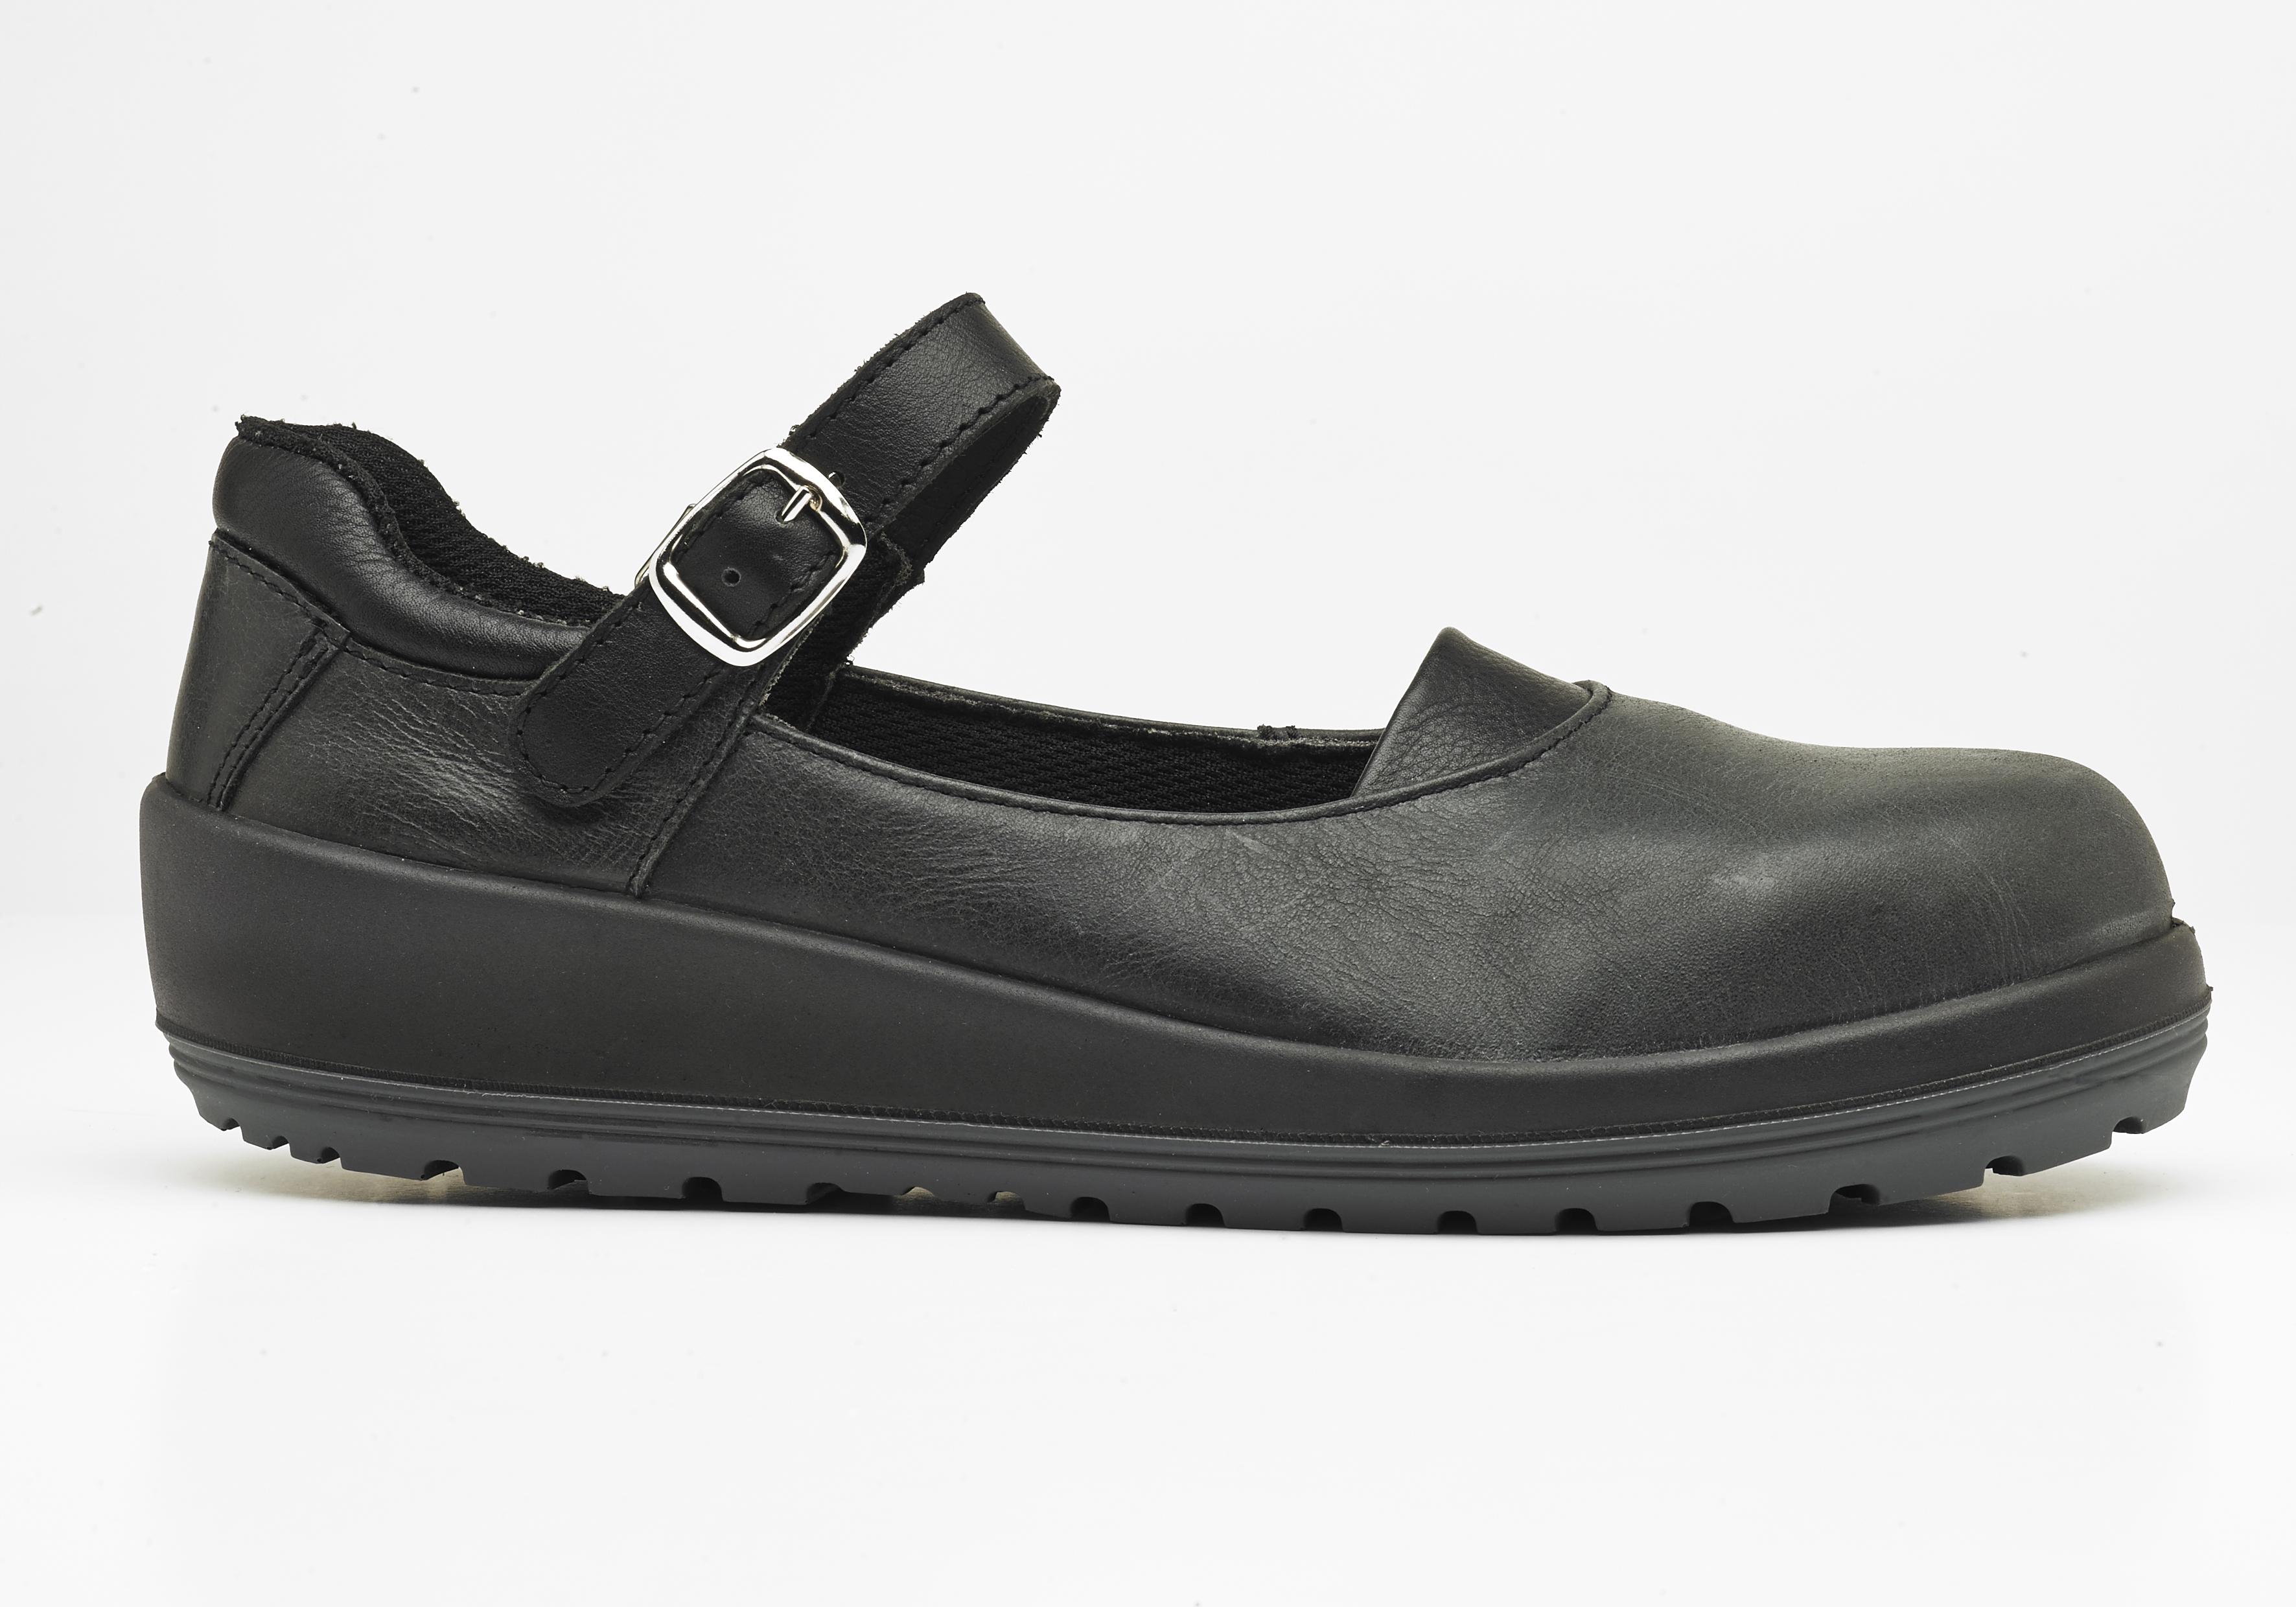 outlet solde france chaussures de securite pour femmes. Black Bedroom Furniture Sets. Home Design Ideas